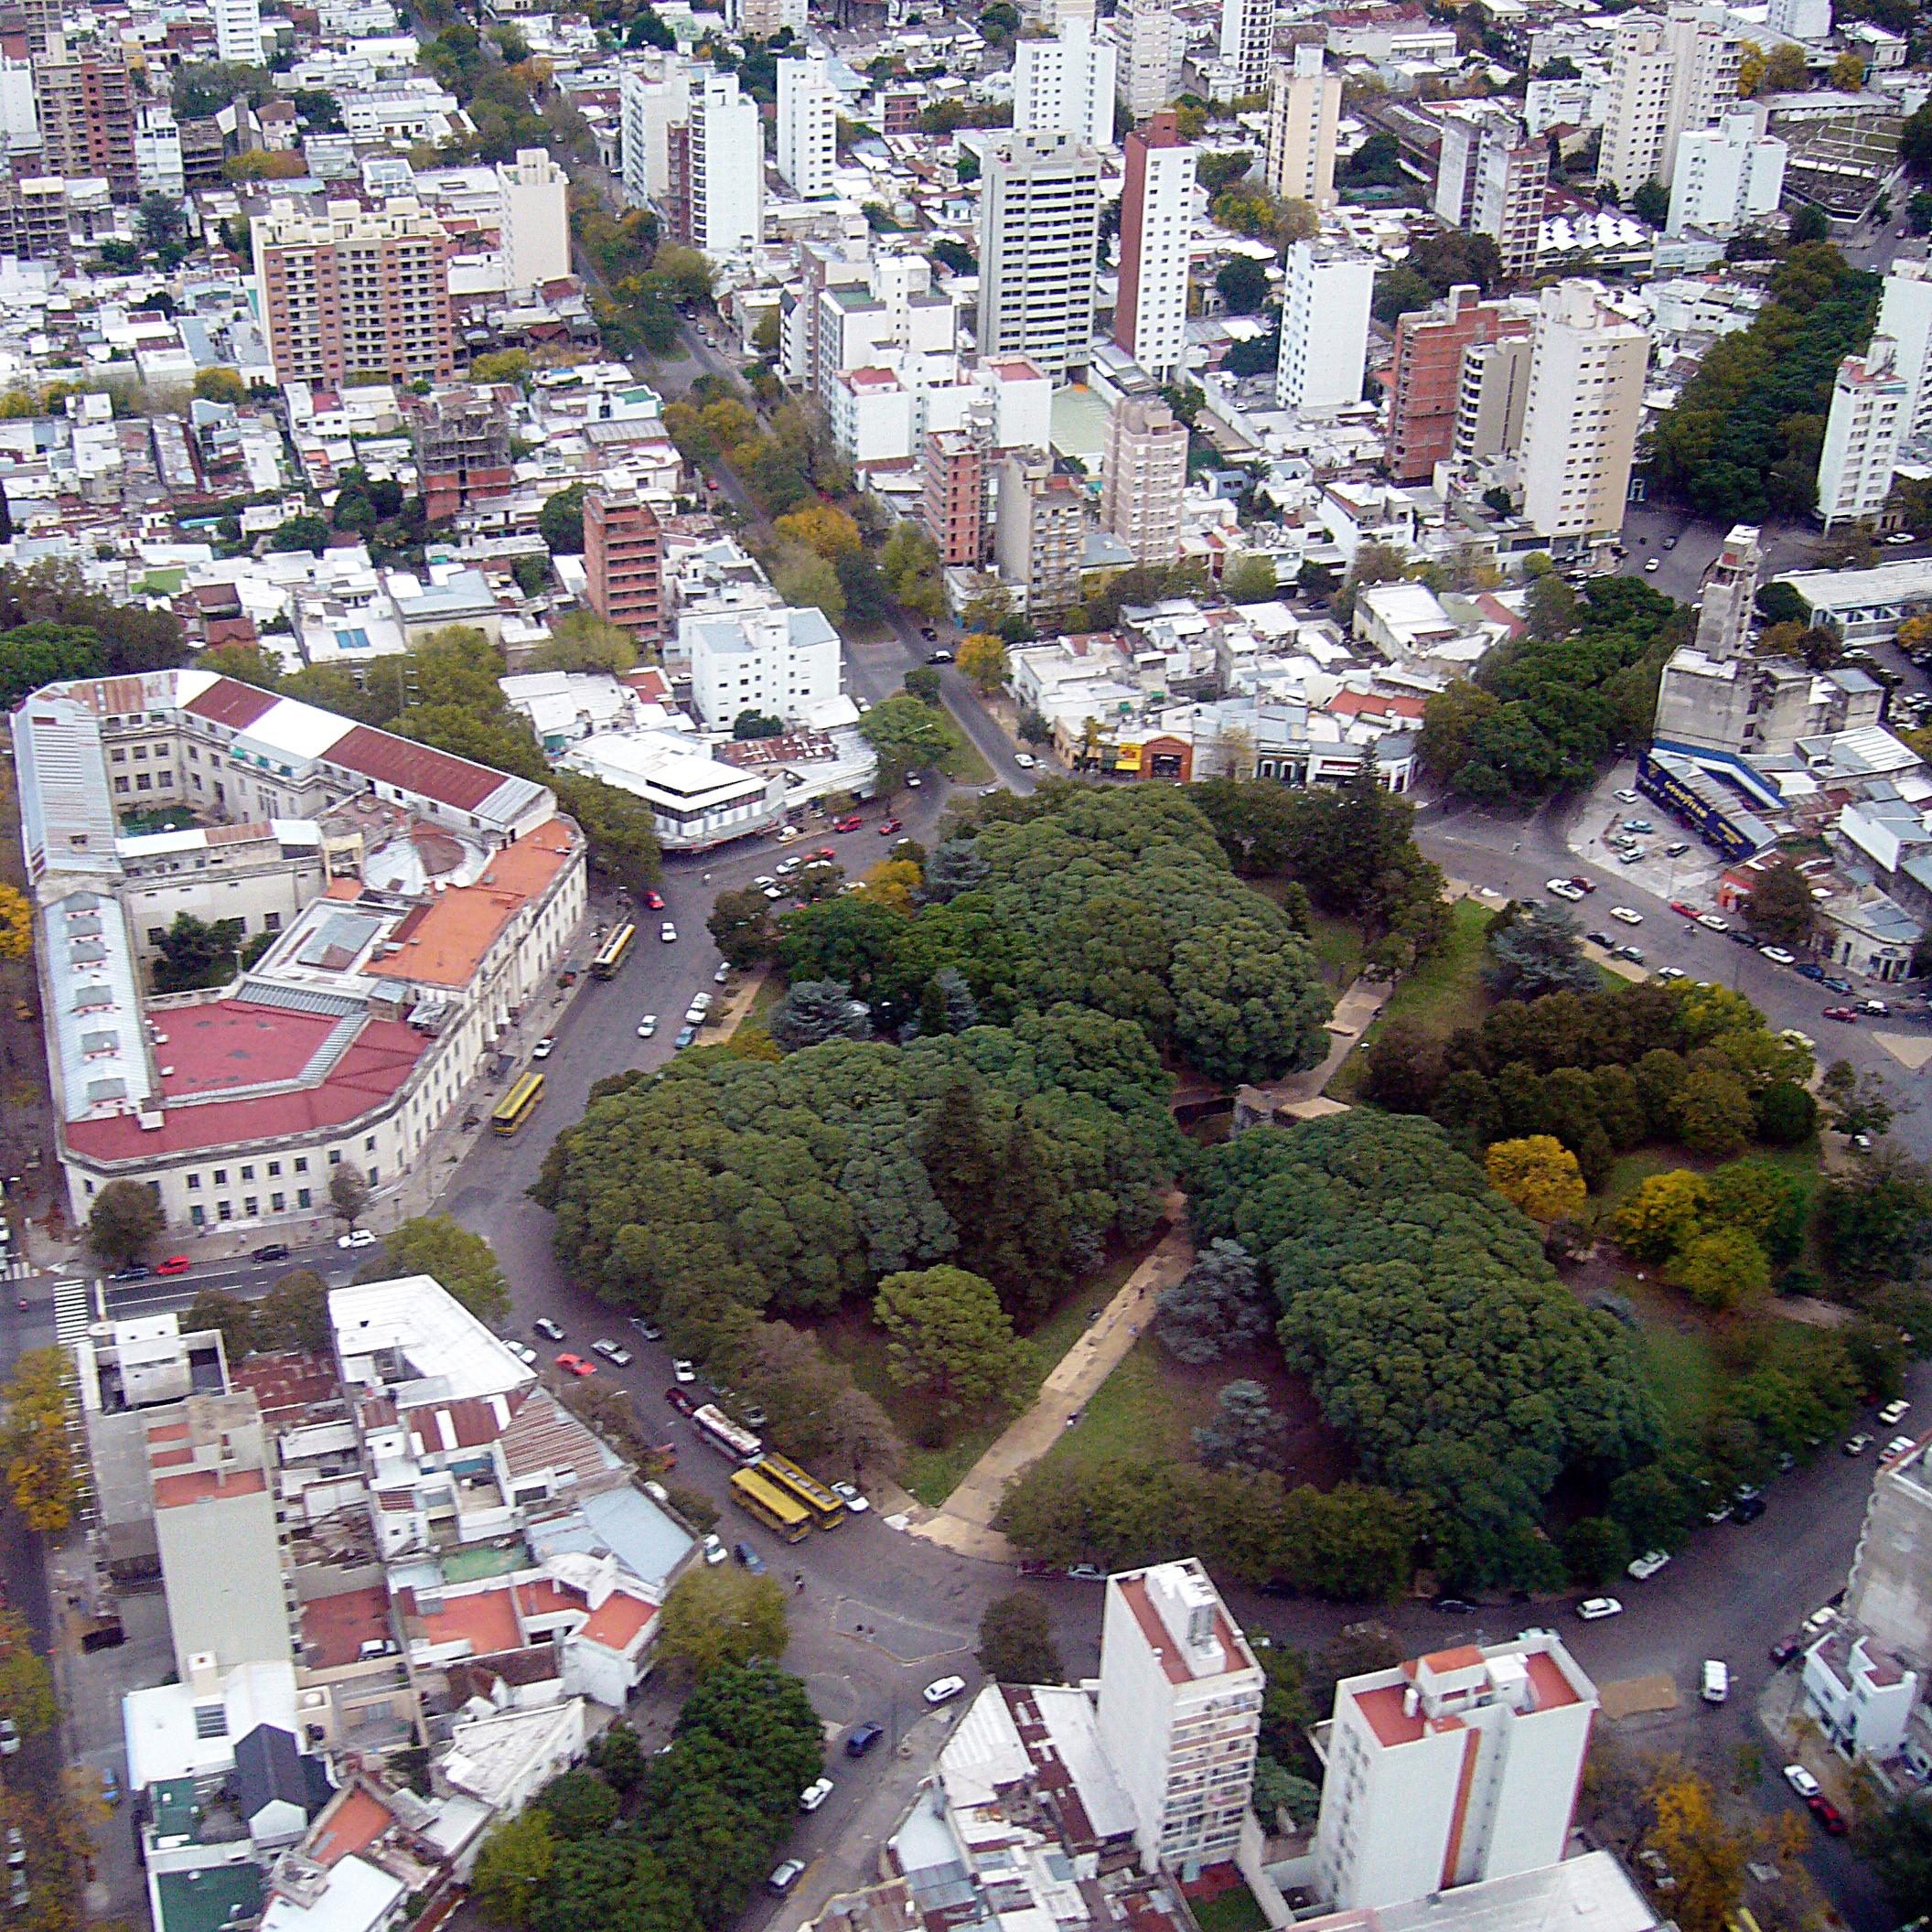 Vista aérea de la Plaza Dardo Rocha, La Plata, Buenos Aires, Argentina (Foto Rafael Estrella, CC BY-SA 2.0)